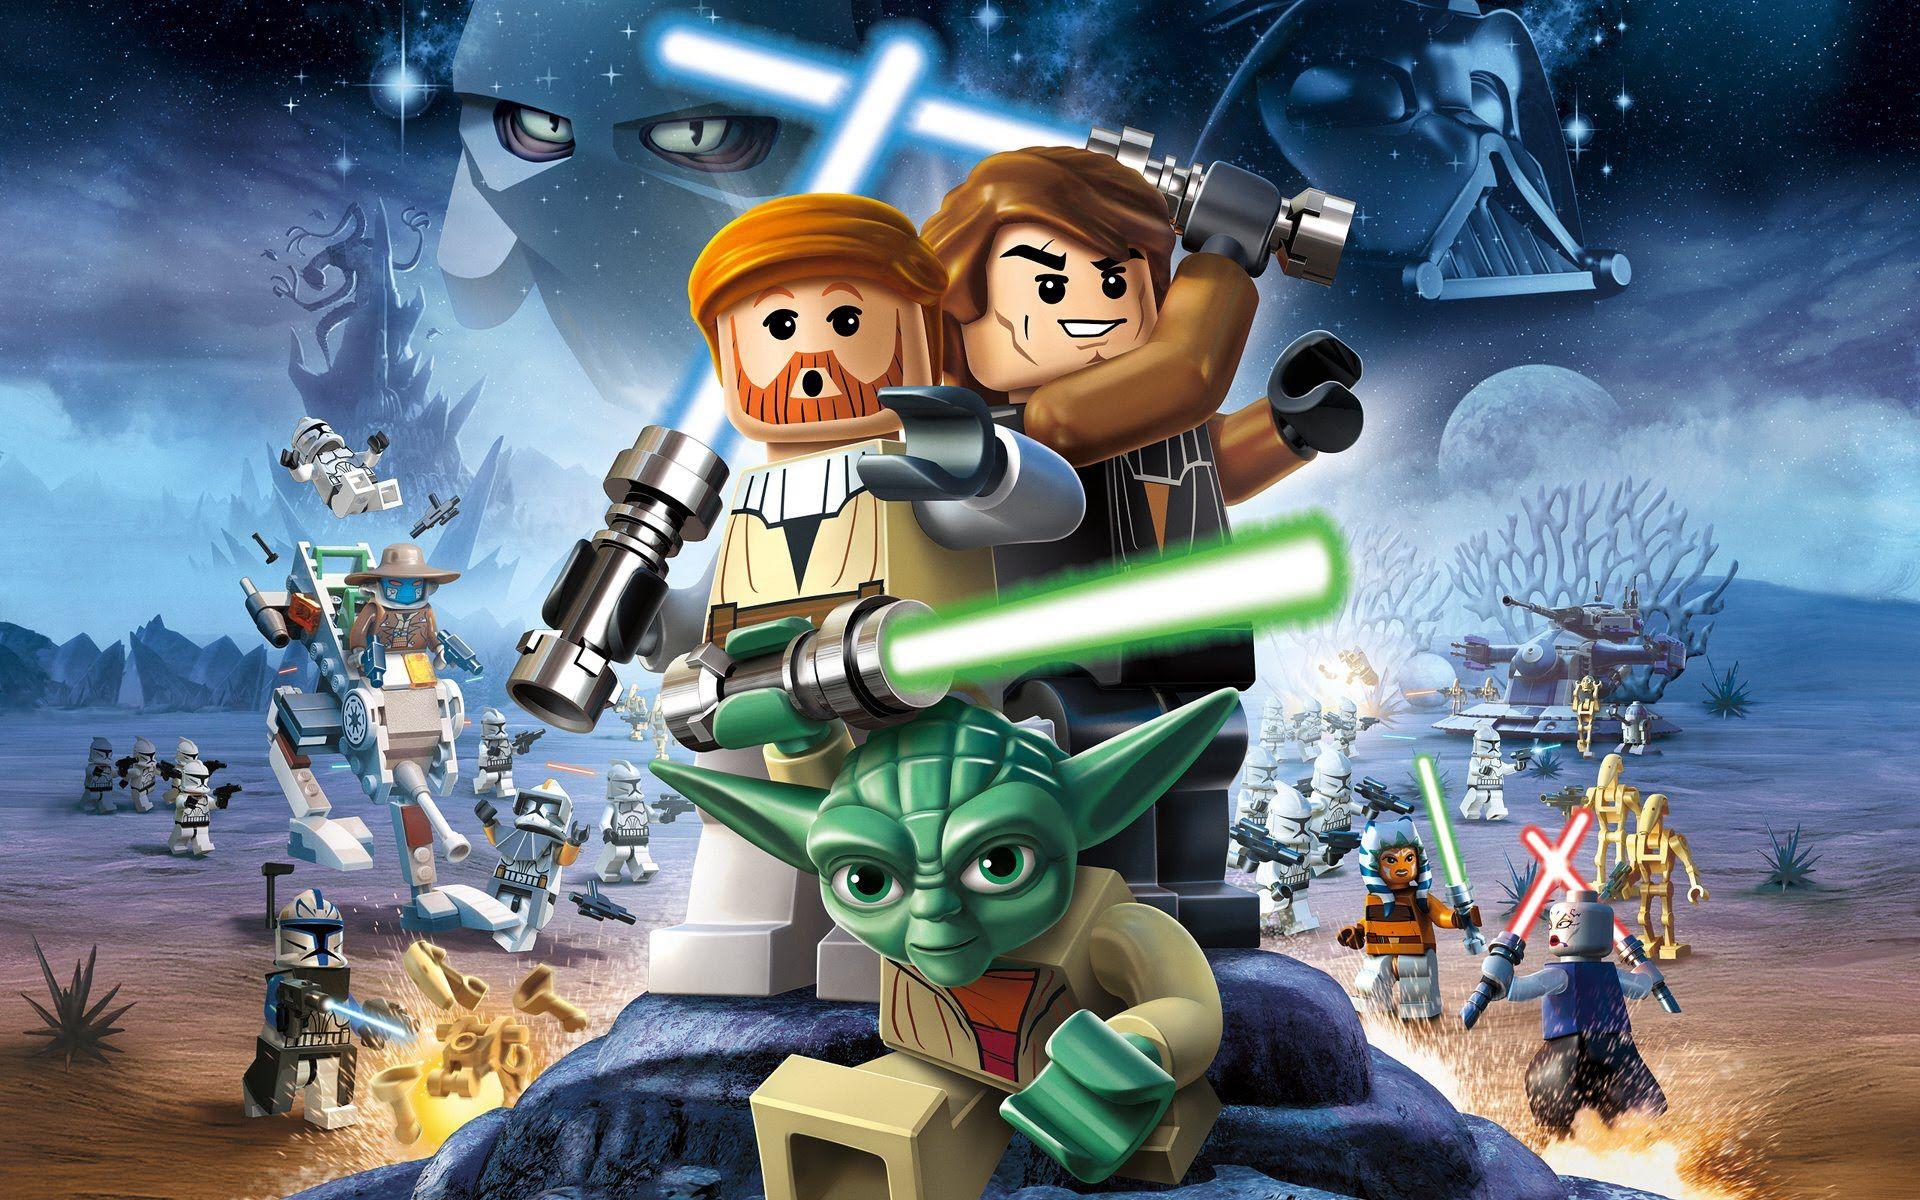 Lego Star Wars Star Wars Wall Sticker Star Wars Canvas Print Star Wars Wallpaper